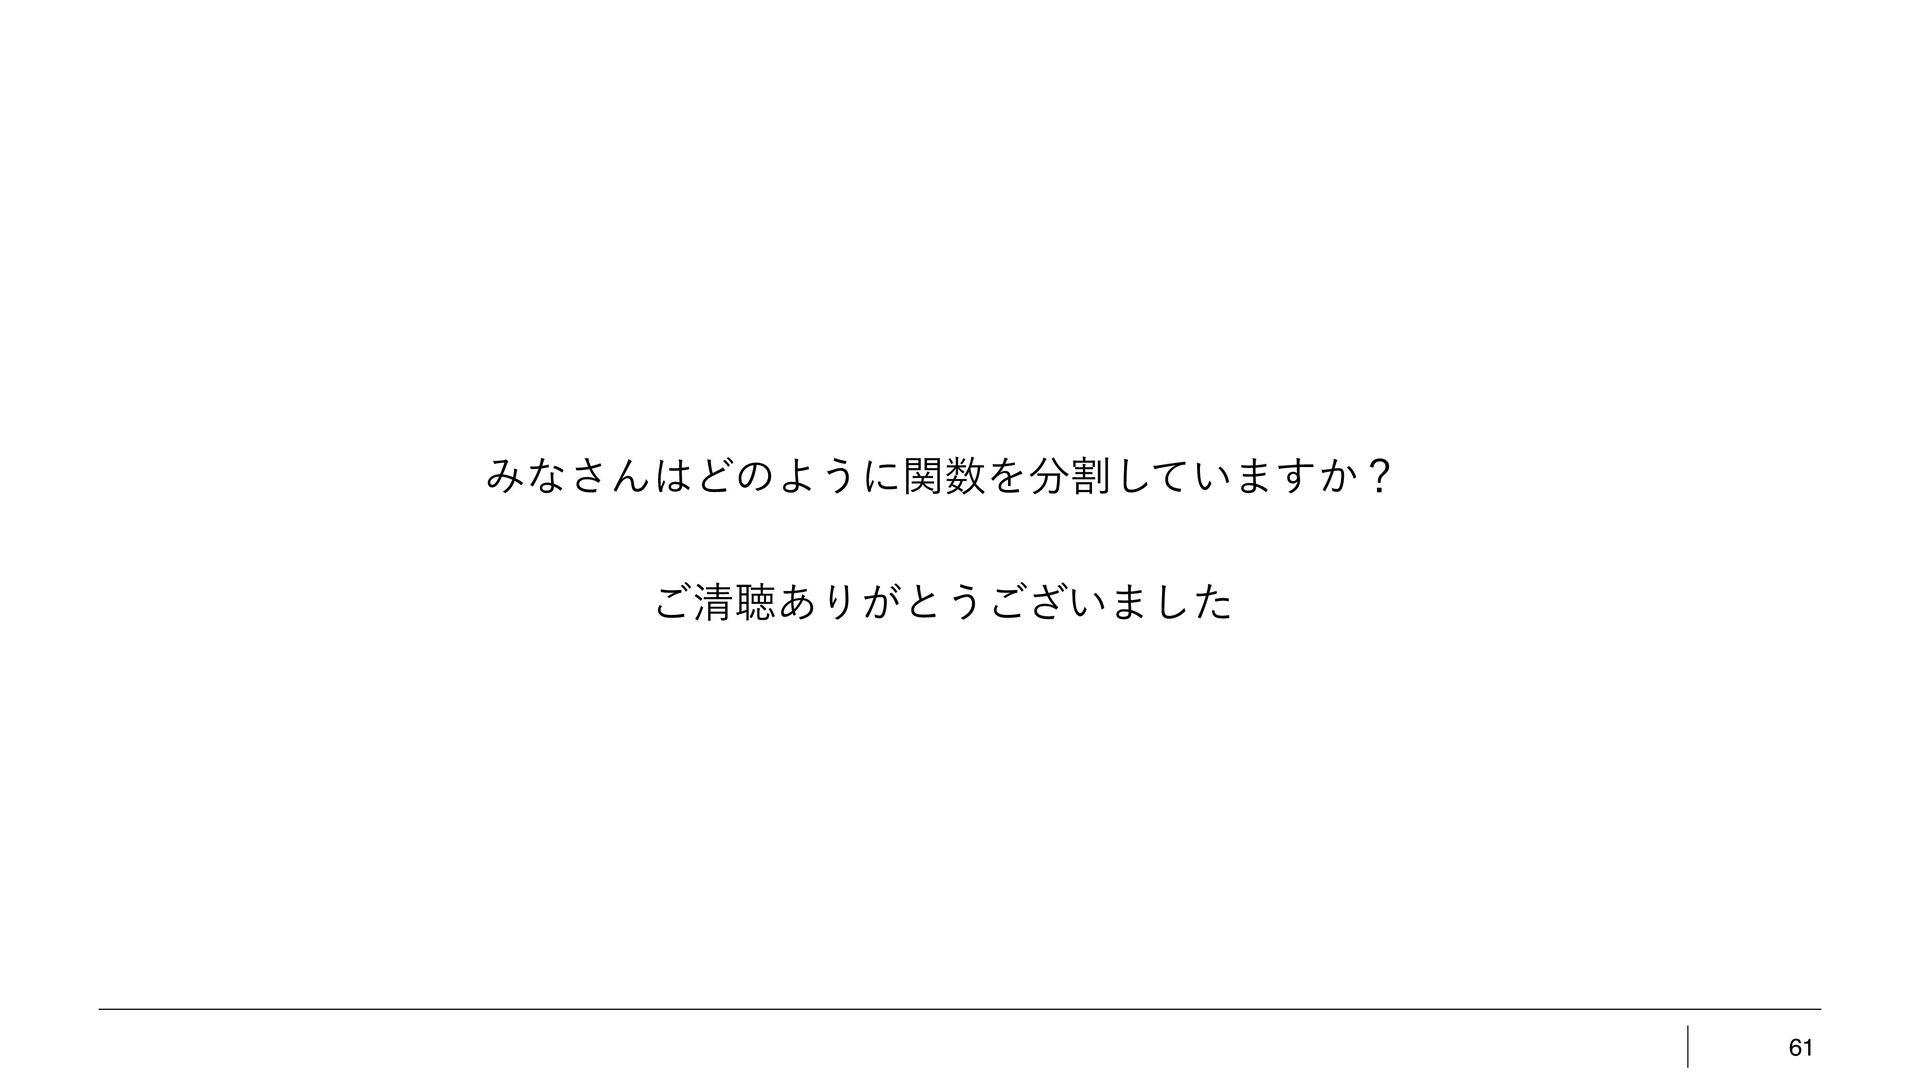 61 Έͳ͞ΜͲͷΑ͏ʹؔΛׂ͍ͯ͠·͔͢ʁ ͝ਗ਼ௌ͋Γ͕ͱ͏͍͟͝·ͨ͠